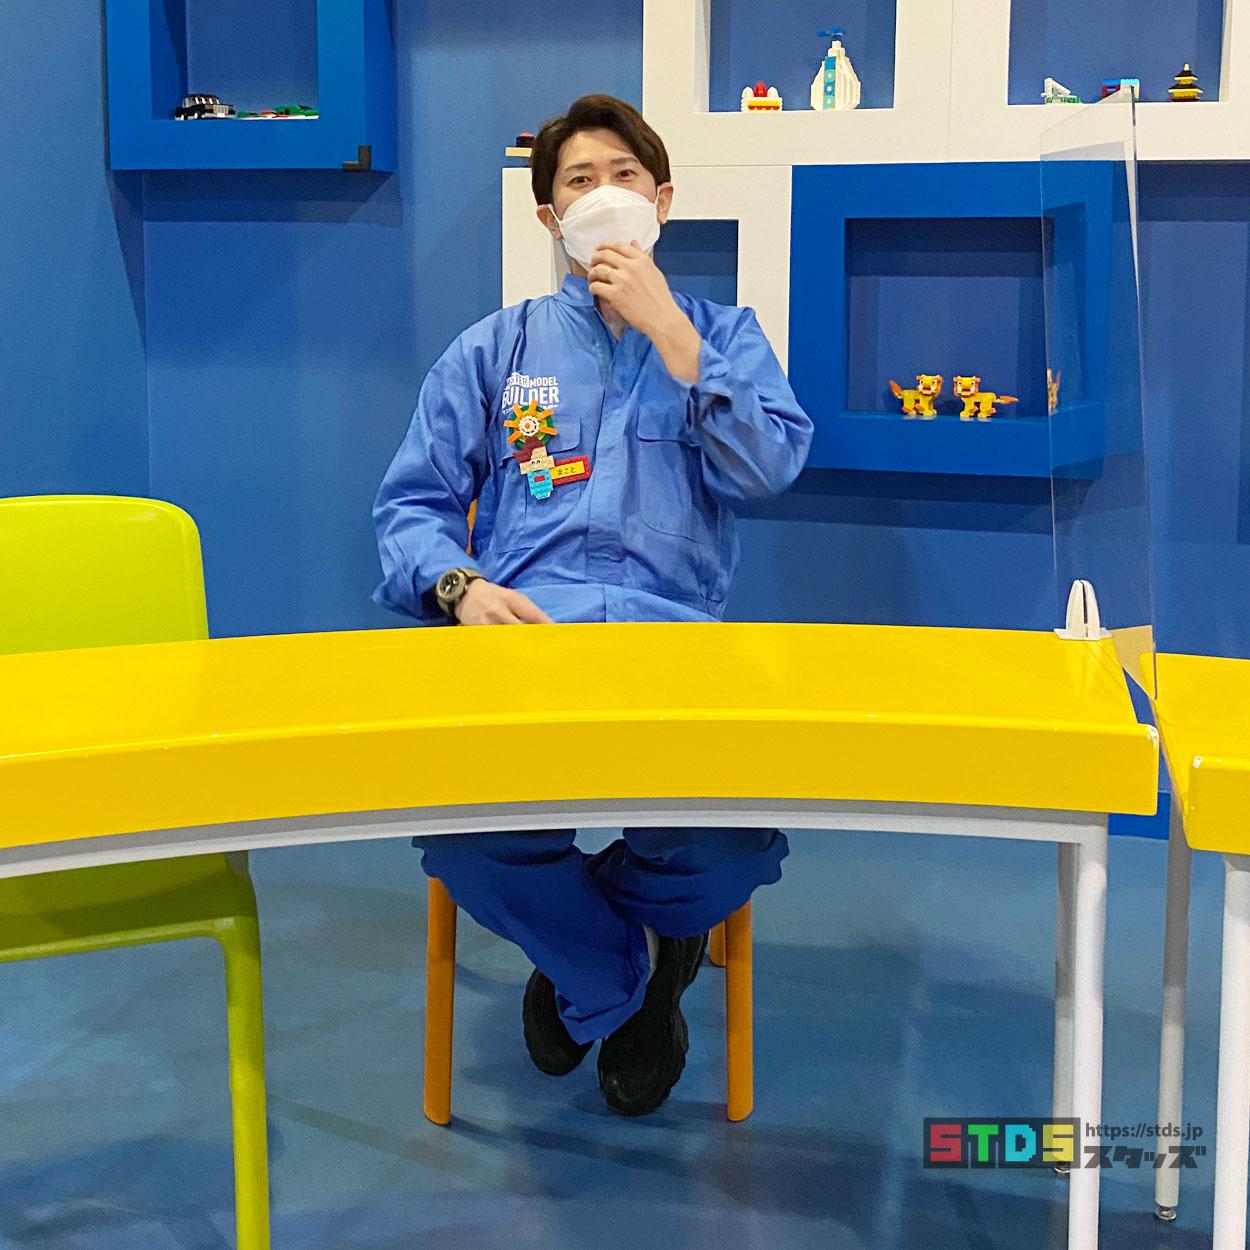 お笑い芸人マスター・モデル・ビルダー『くろぬままこと』さん独占インタビュー!笑いがあふれる楽しいワークショップを作りたい:レゴランド・ディスカバリー・センター東京